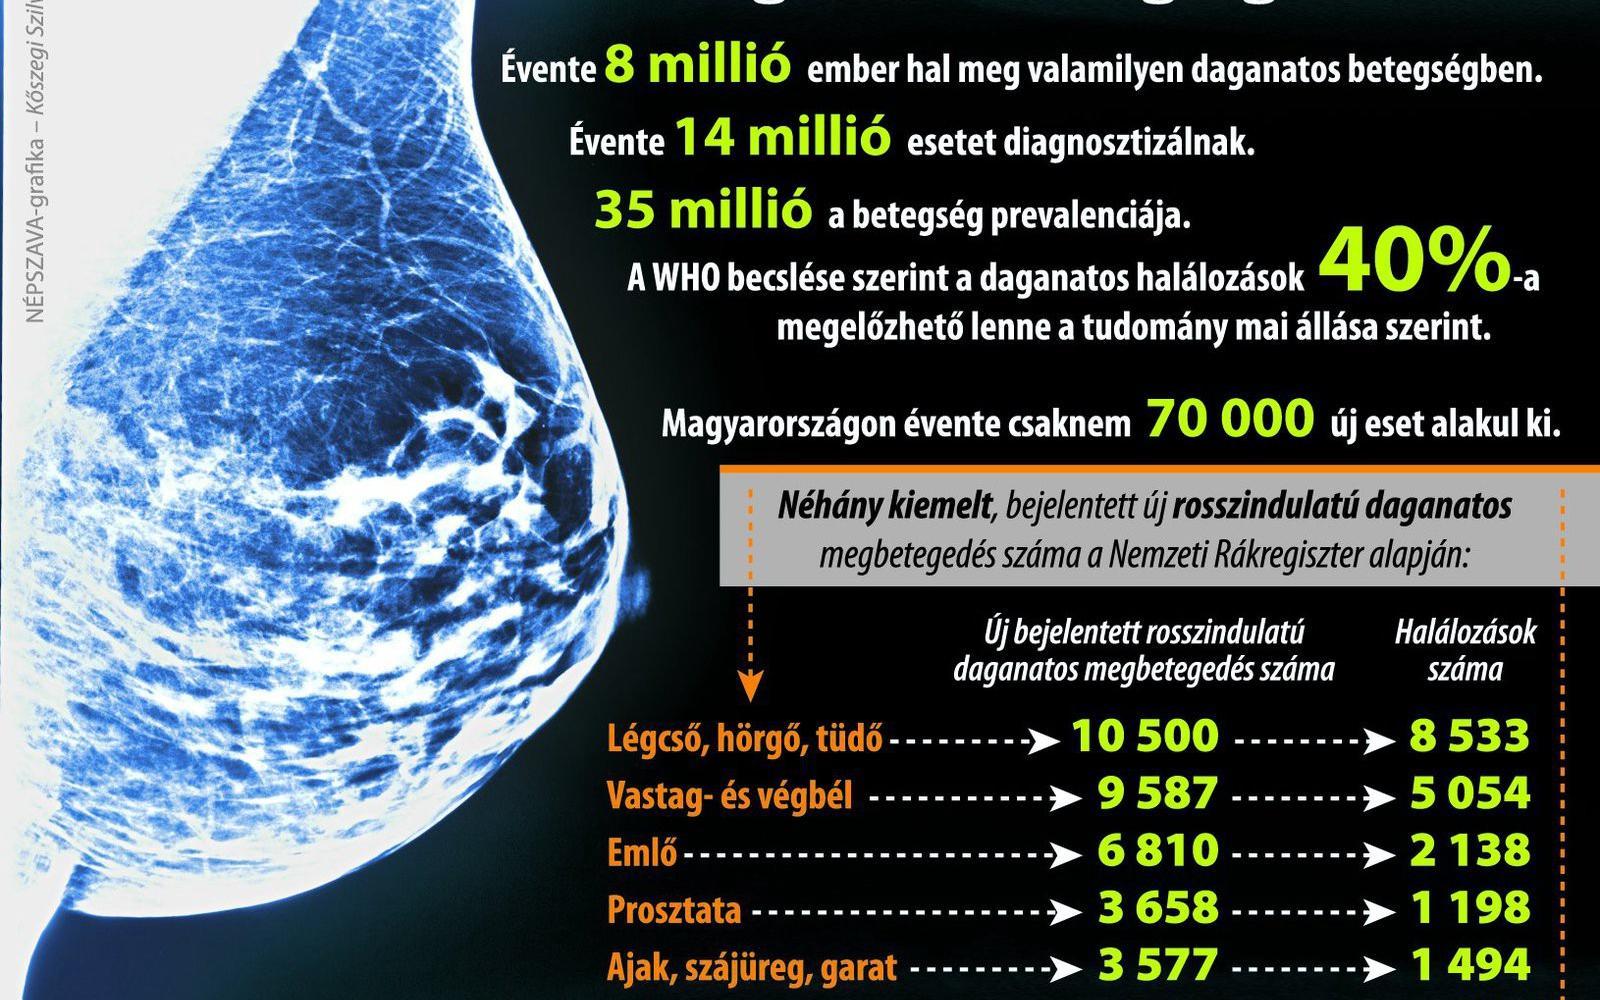 paraziták kezelése emberekben gyógyszerek hogyan kell kezelni a helminthiasis terhesség alatt